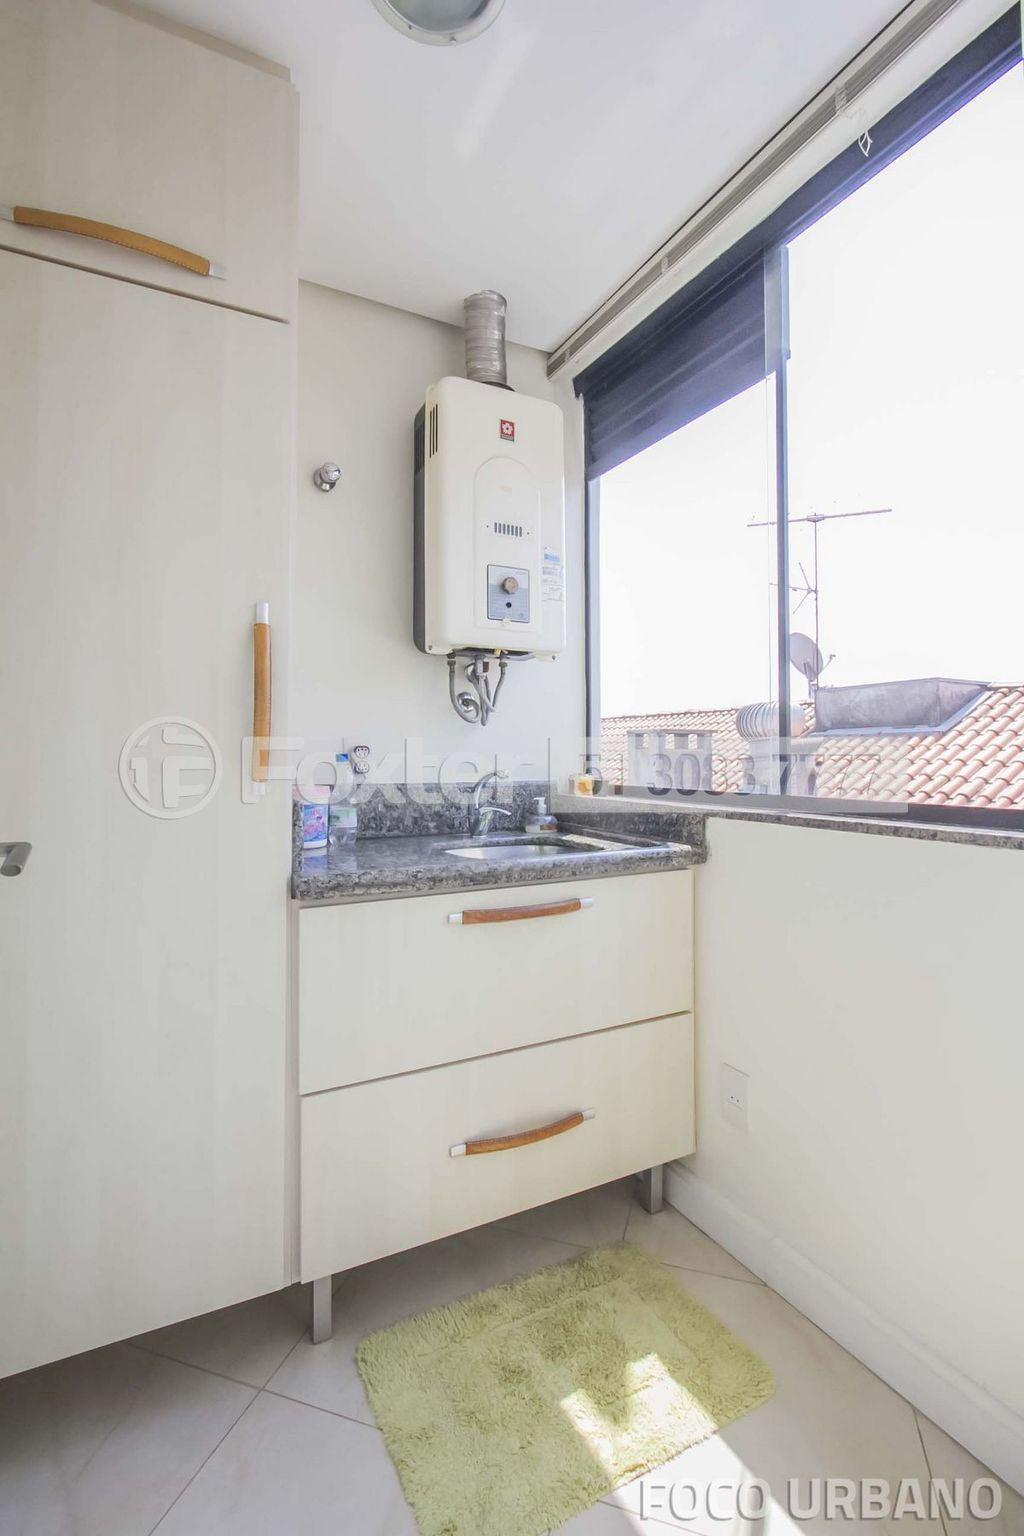 Foxter Imobiliária - Cobertura 3 Dorm (131617) - Foto 10